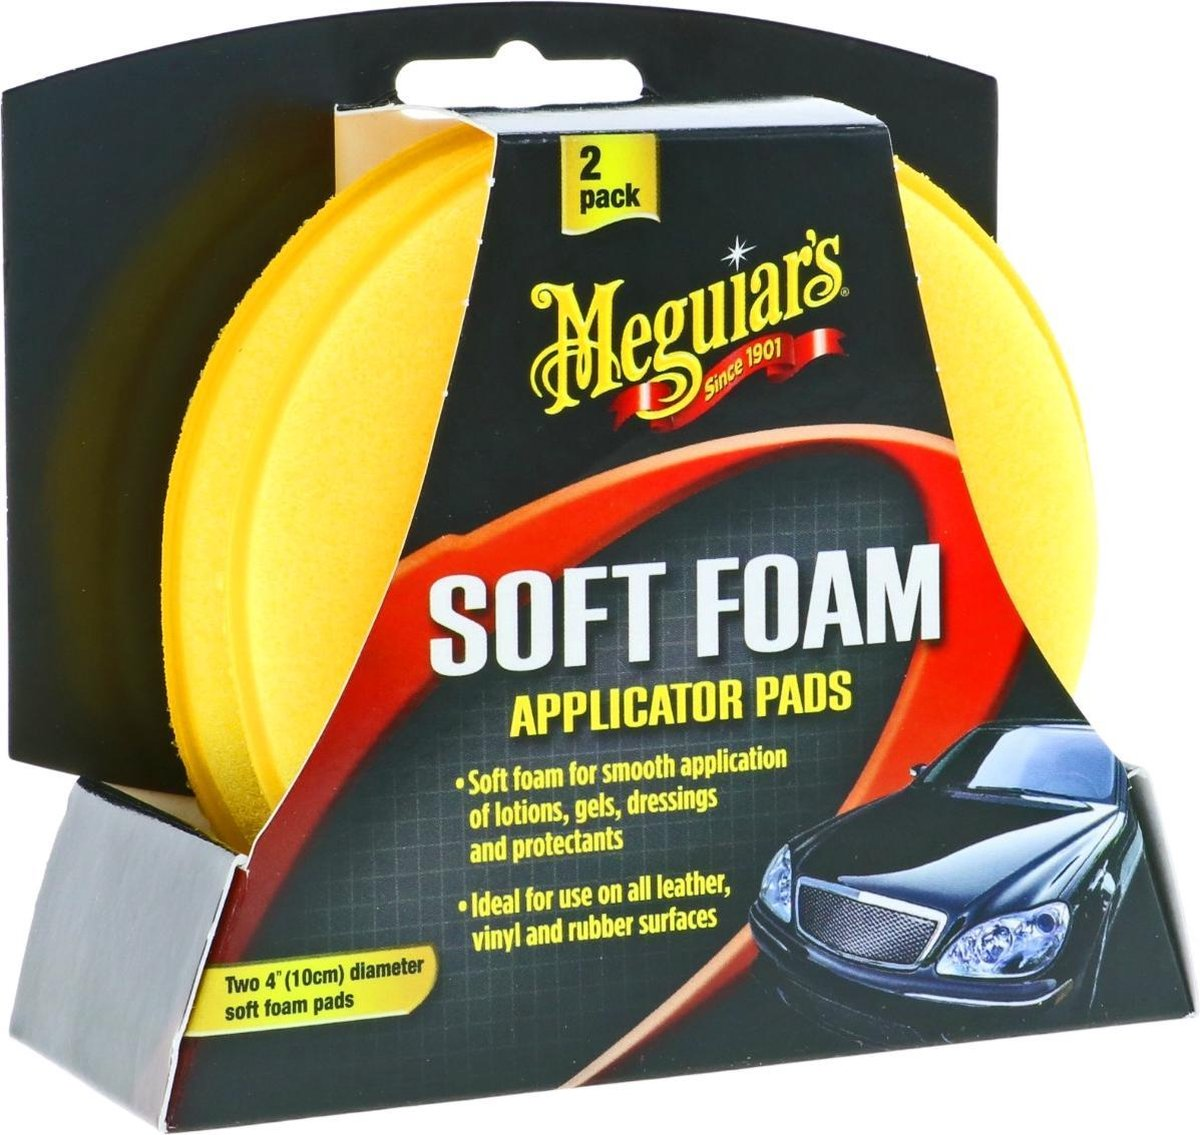 Meguiars X3070 Gold Class High Tech Applicator Pad (Soft Foam) - 2 Pack